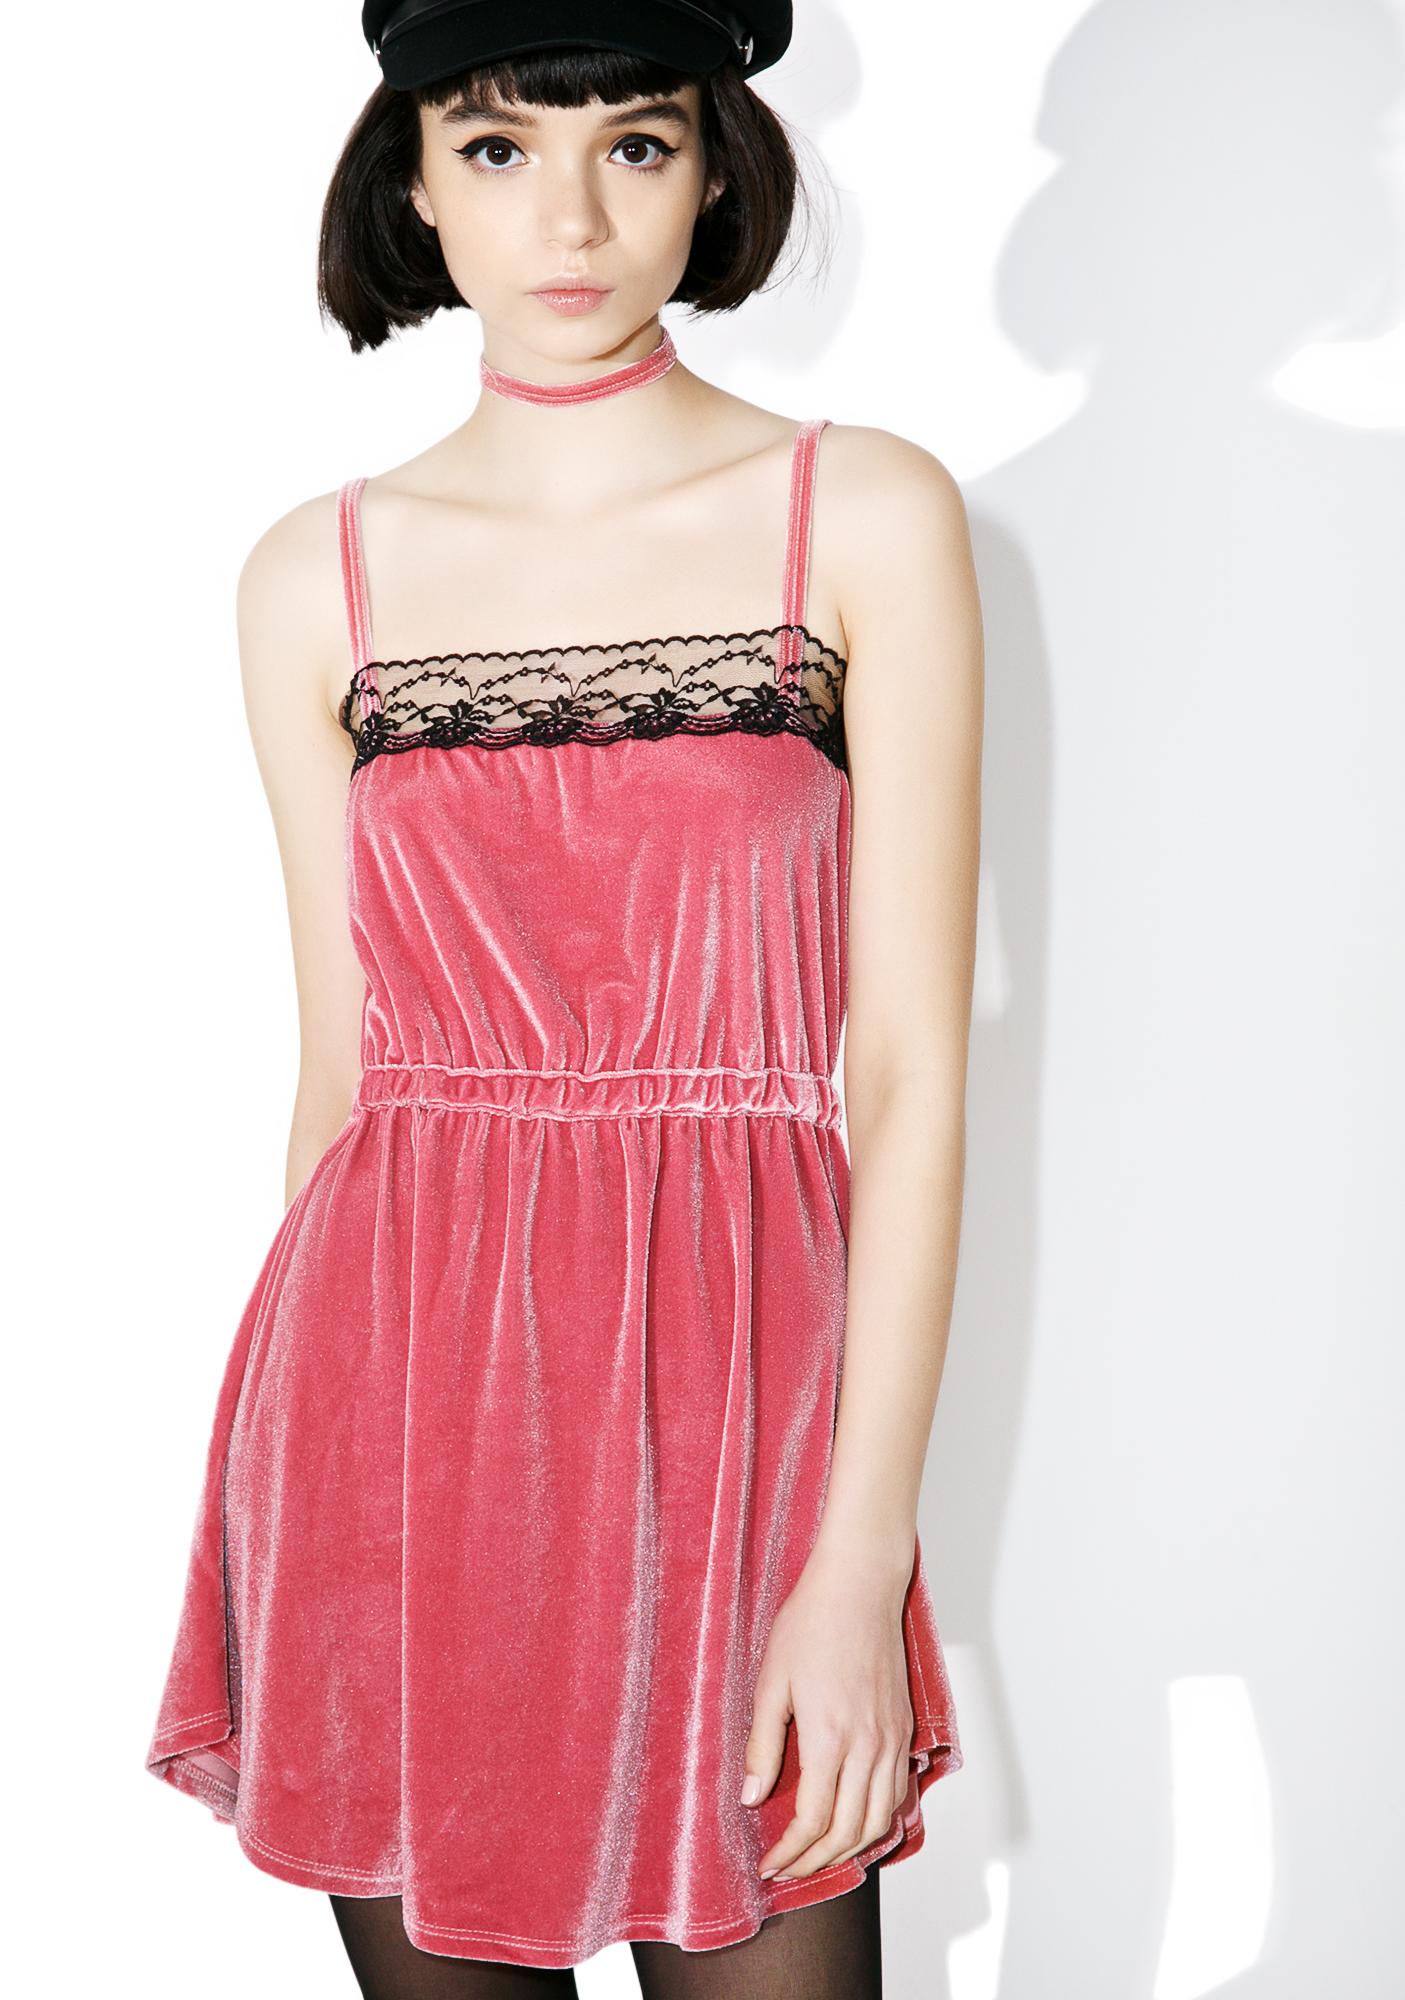 Valfr� Argy Velvet Dress